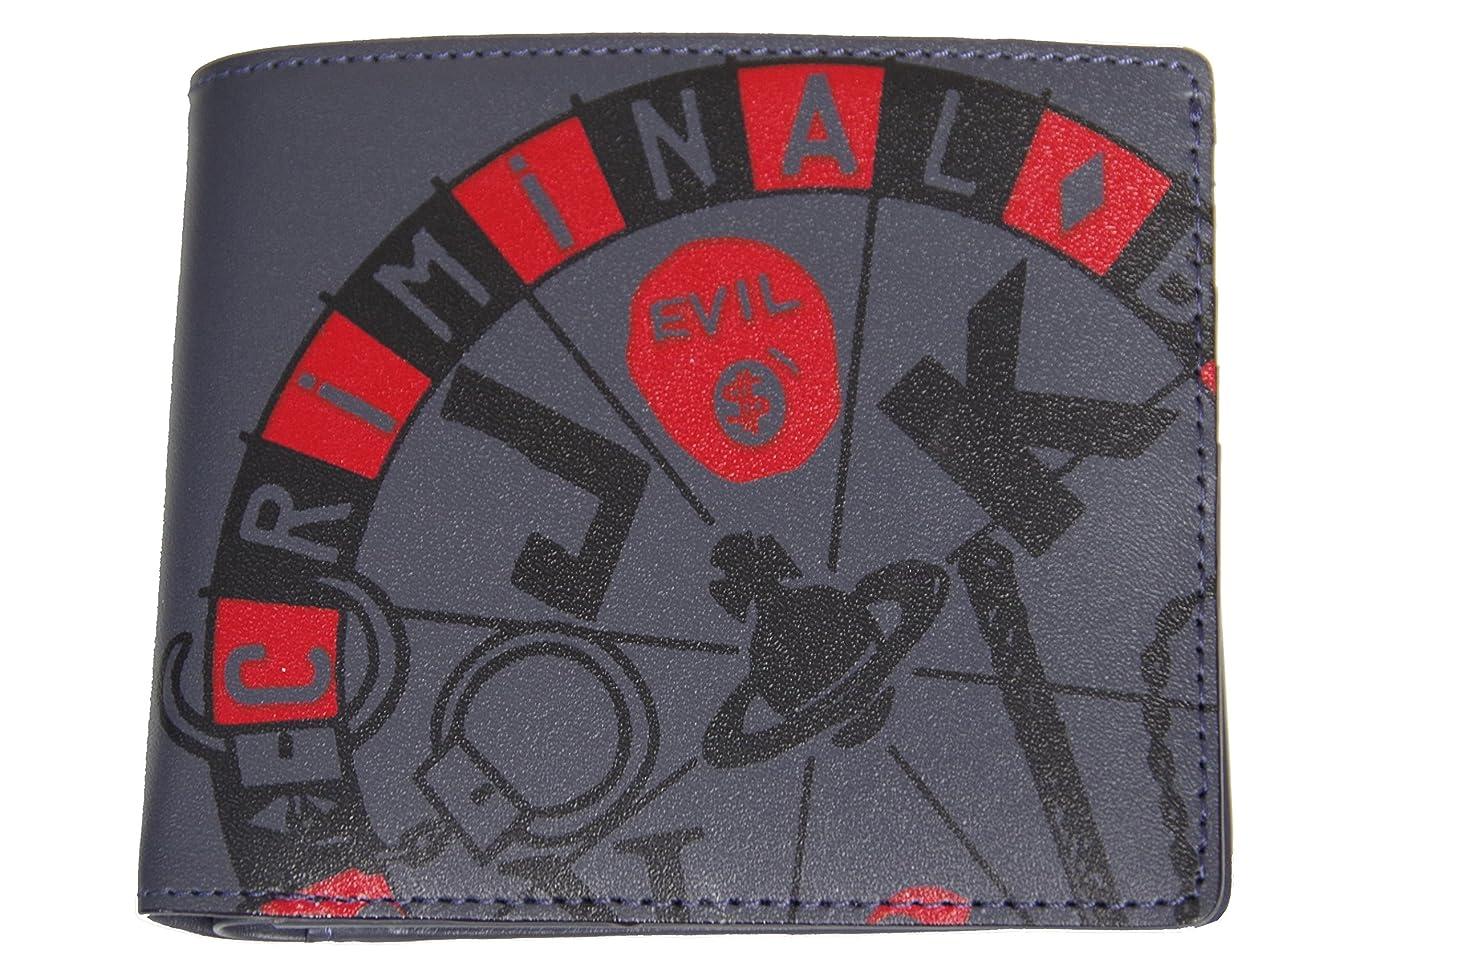 読みやすさ本当のことを言うと処理Vivienne Westwood ヴィヴィアンウエストウッド メンズ 財布 グレー ジョーカールーレット 本革 K17030 新品